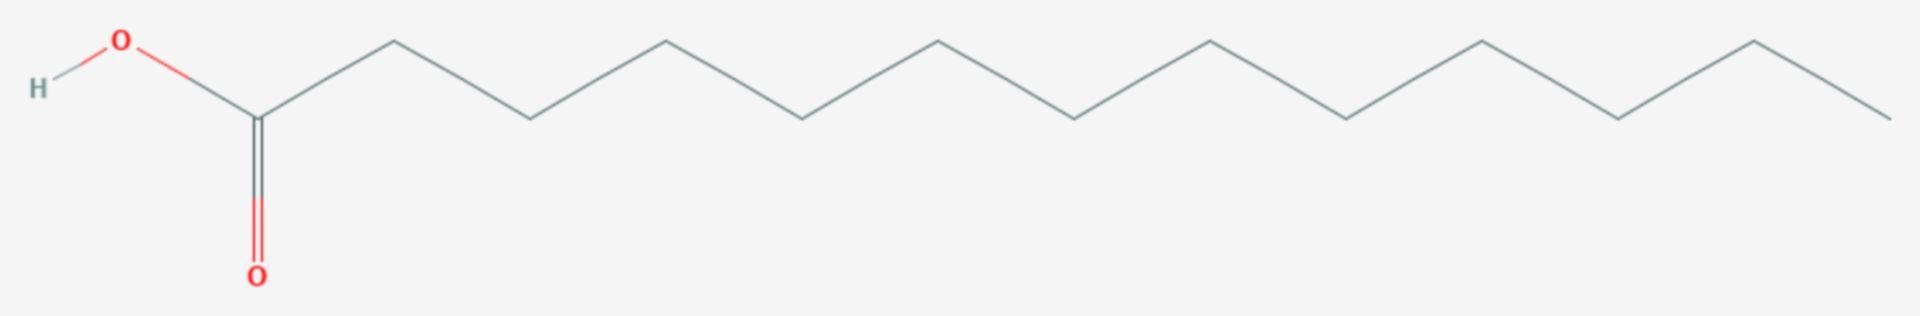 Tridecansäure (Strukturformel)